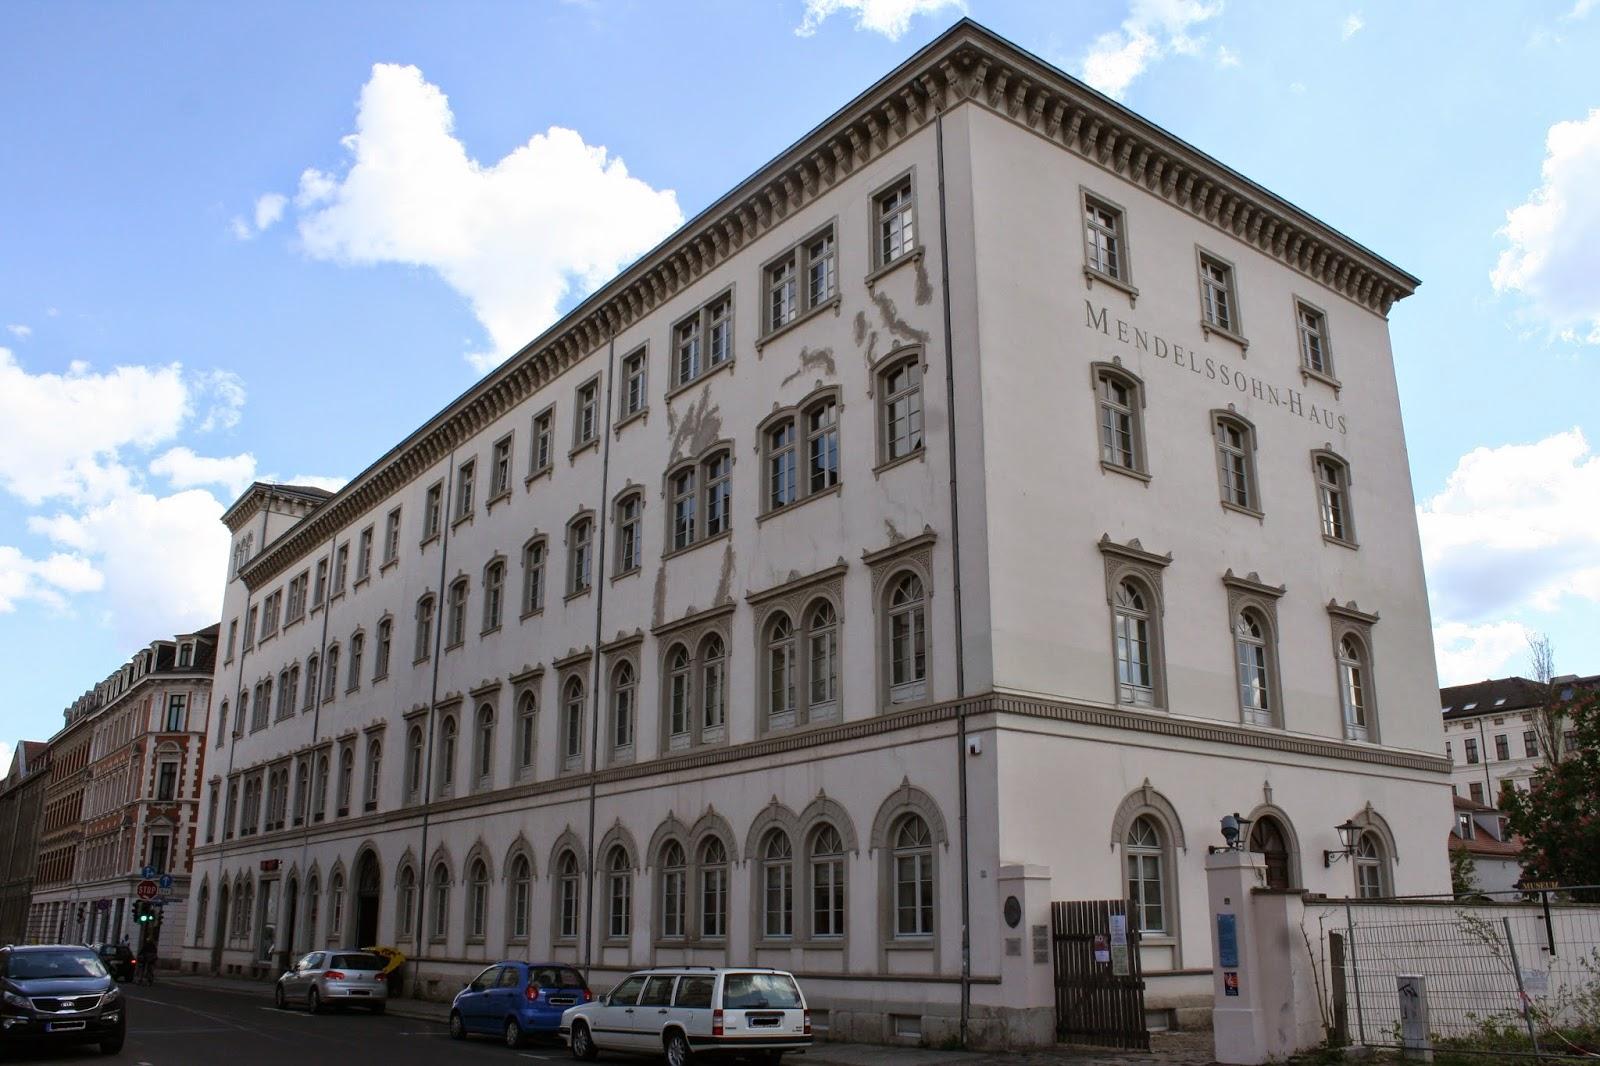 """Mendelssohn Haus das Oratorium """"Elias"""" Leipzig Days"""